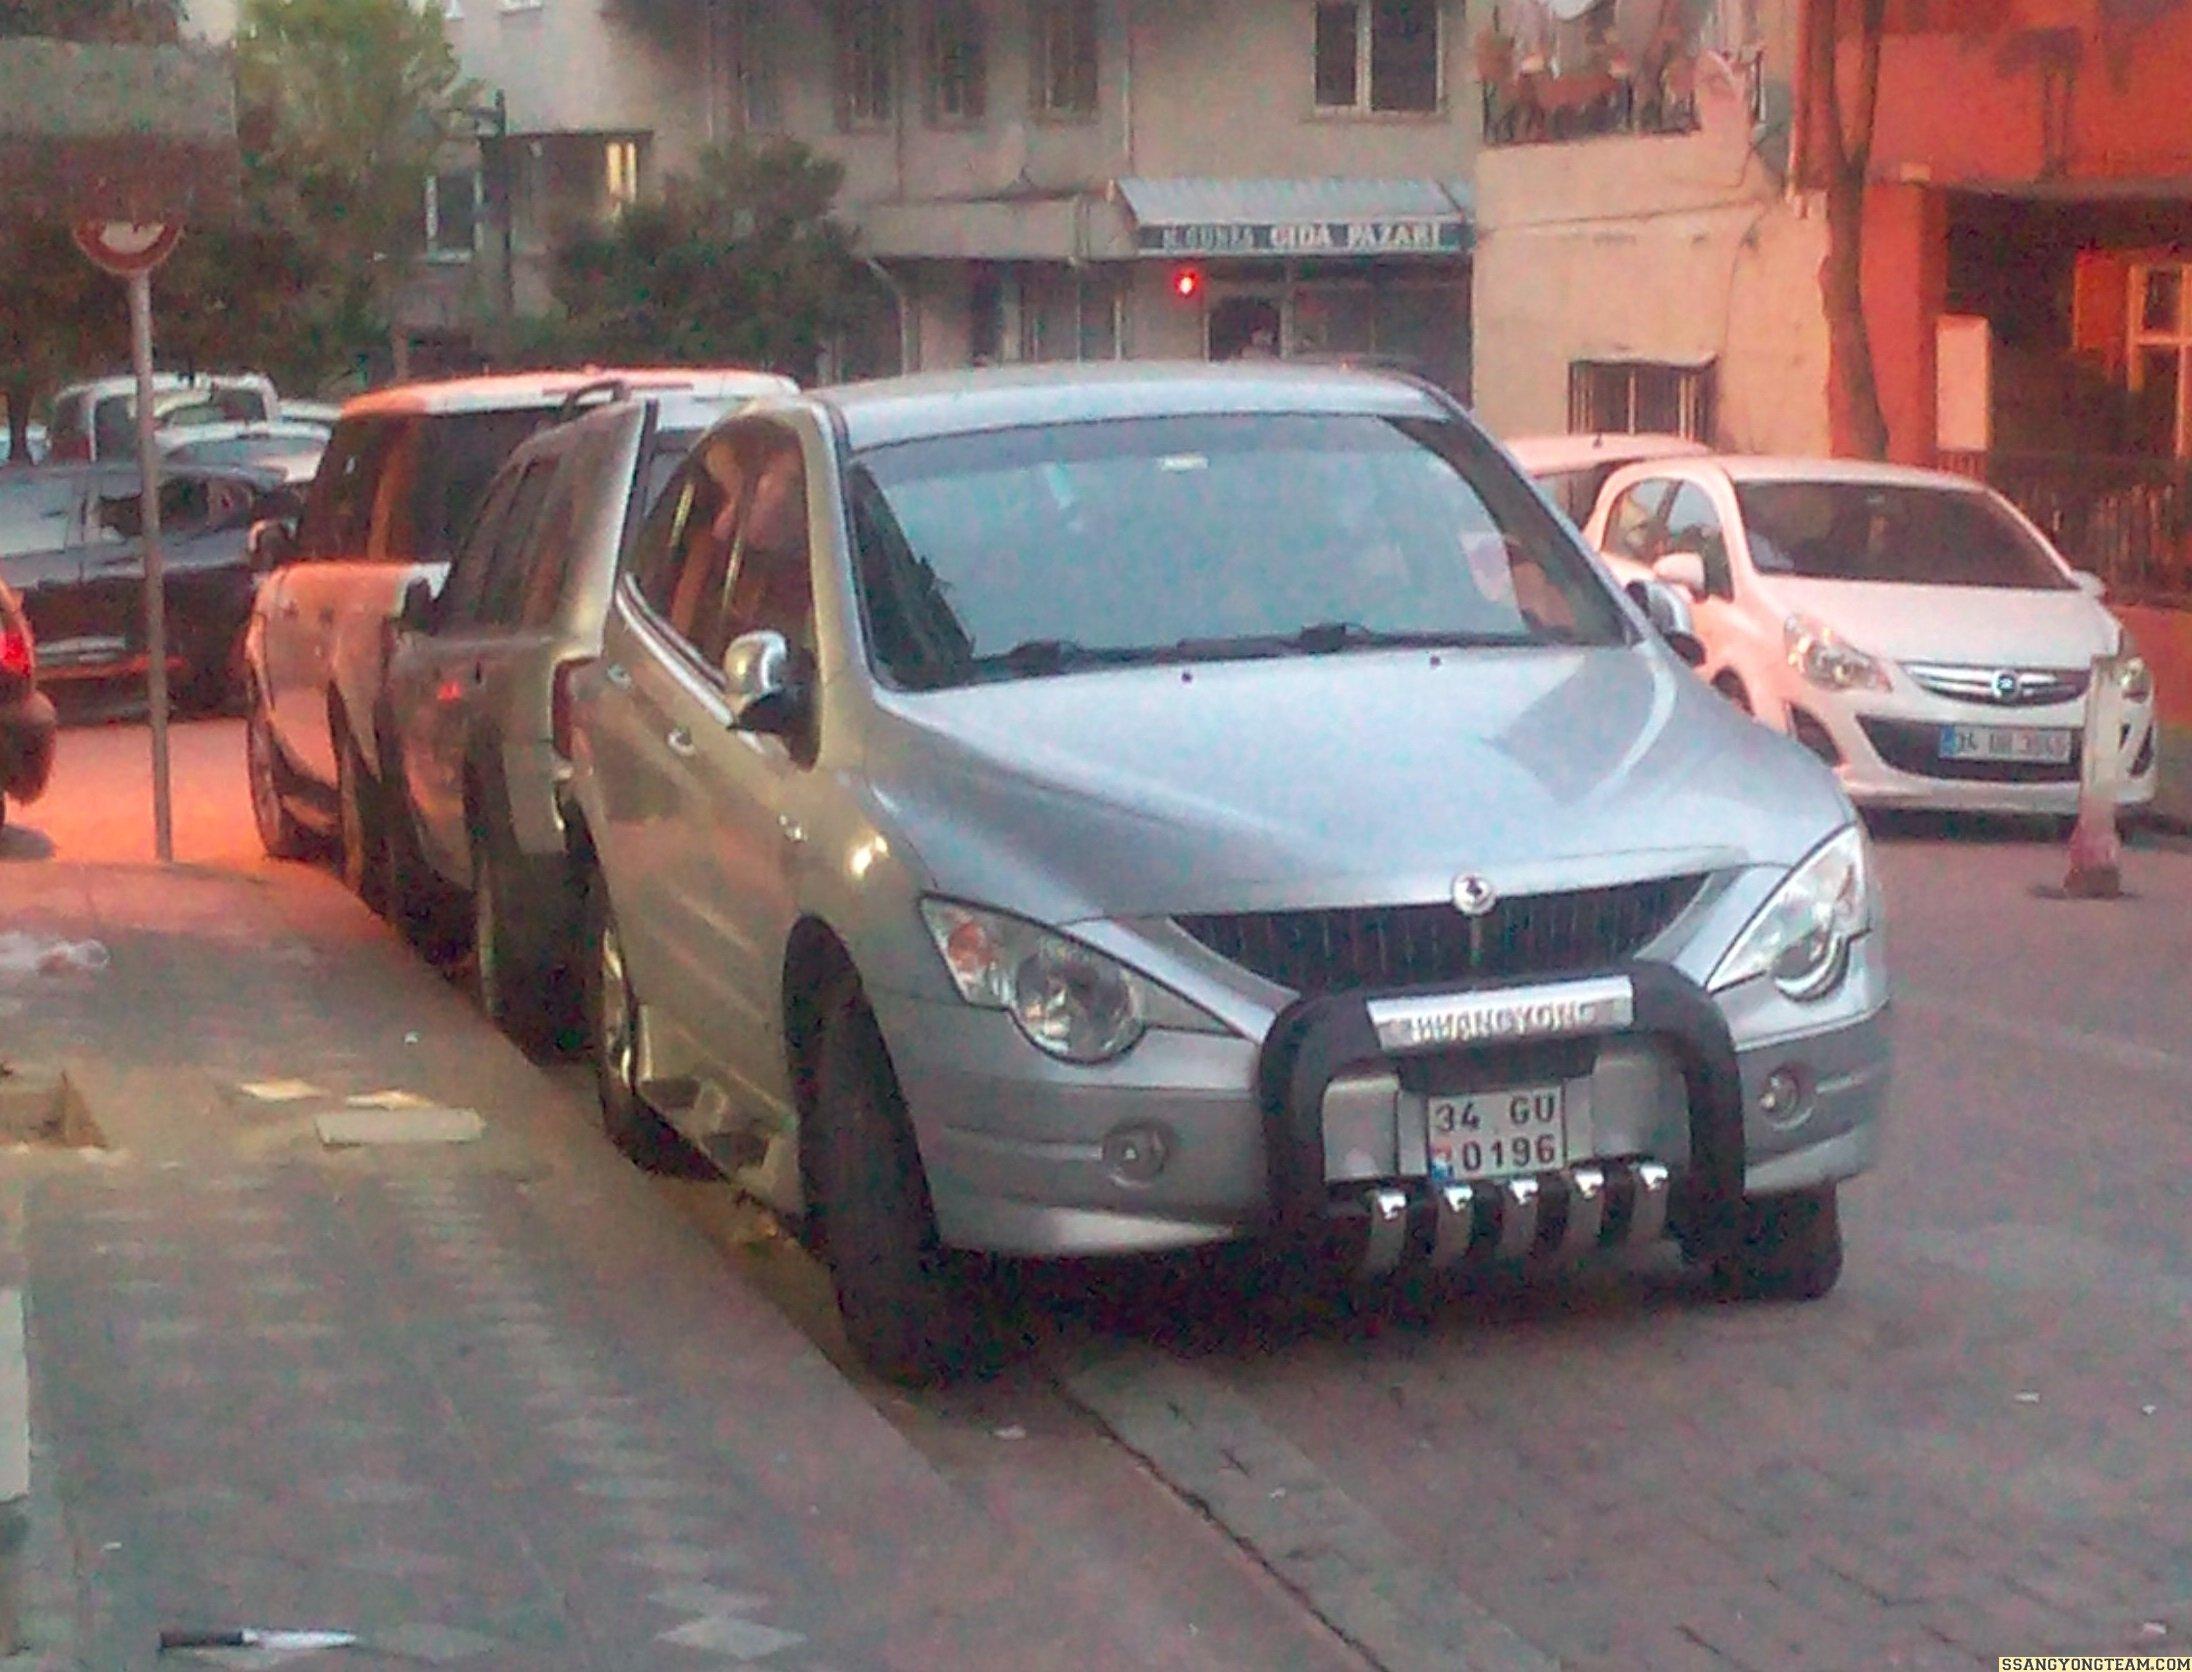 on 5753ea3a72fd4 - SsangYong Araçlarımızın Güzel Resimleri